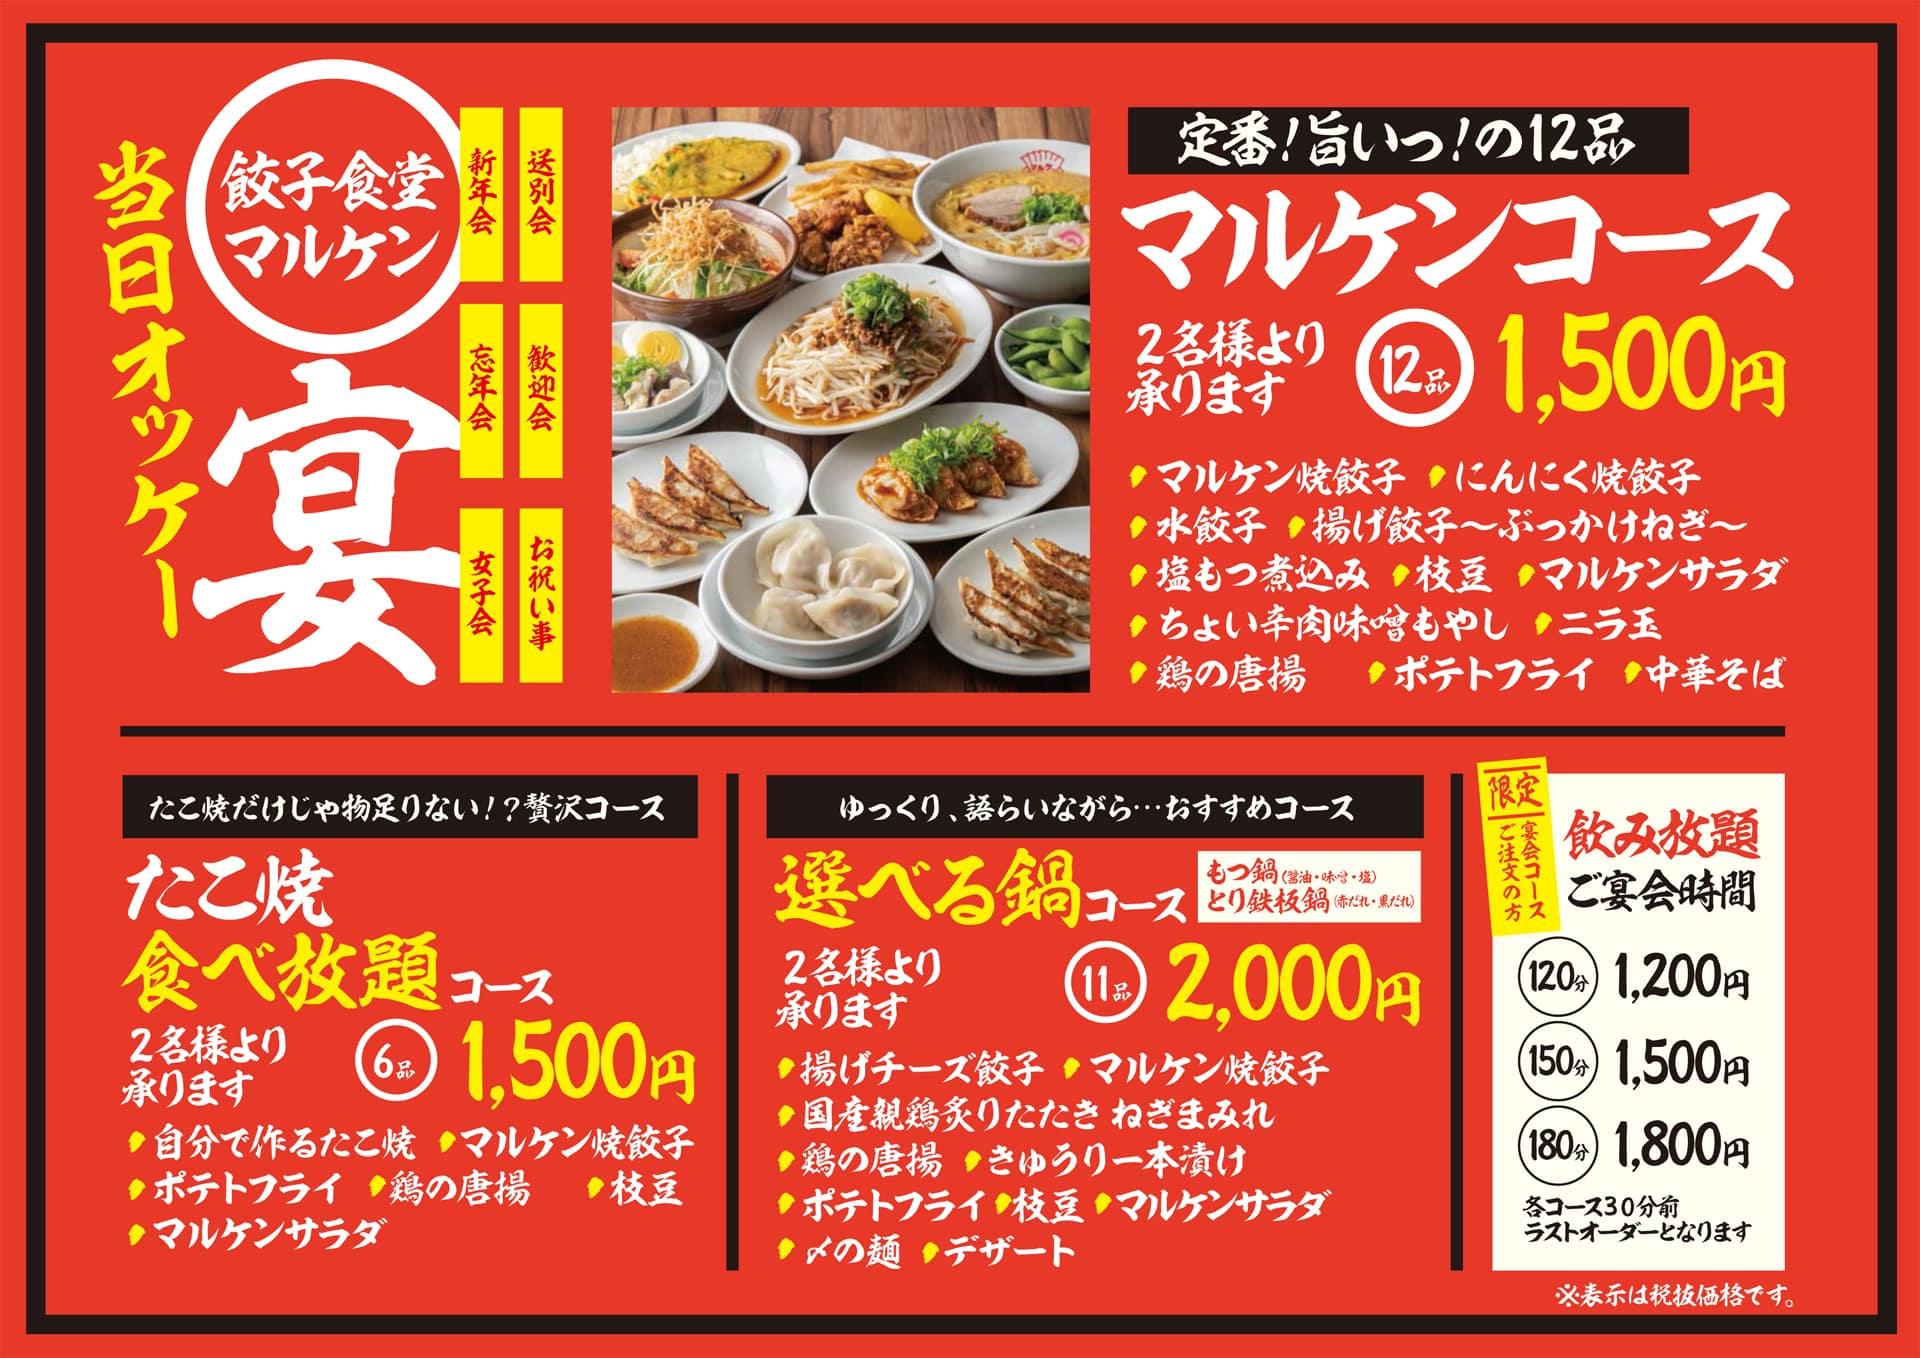 餃子食堂マルケン 宴会メニュー